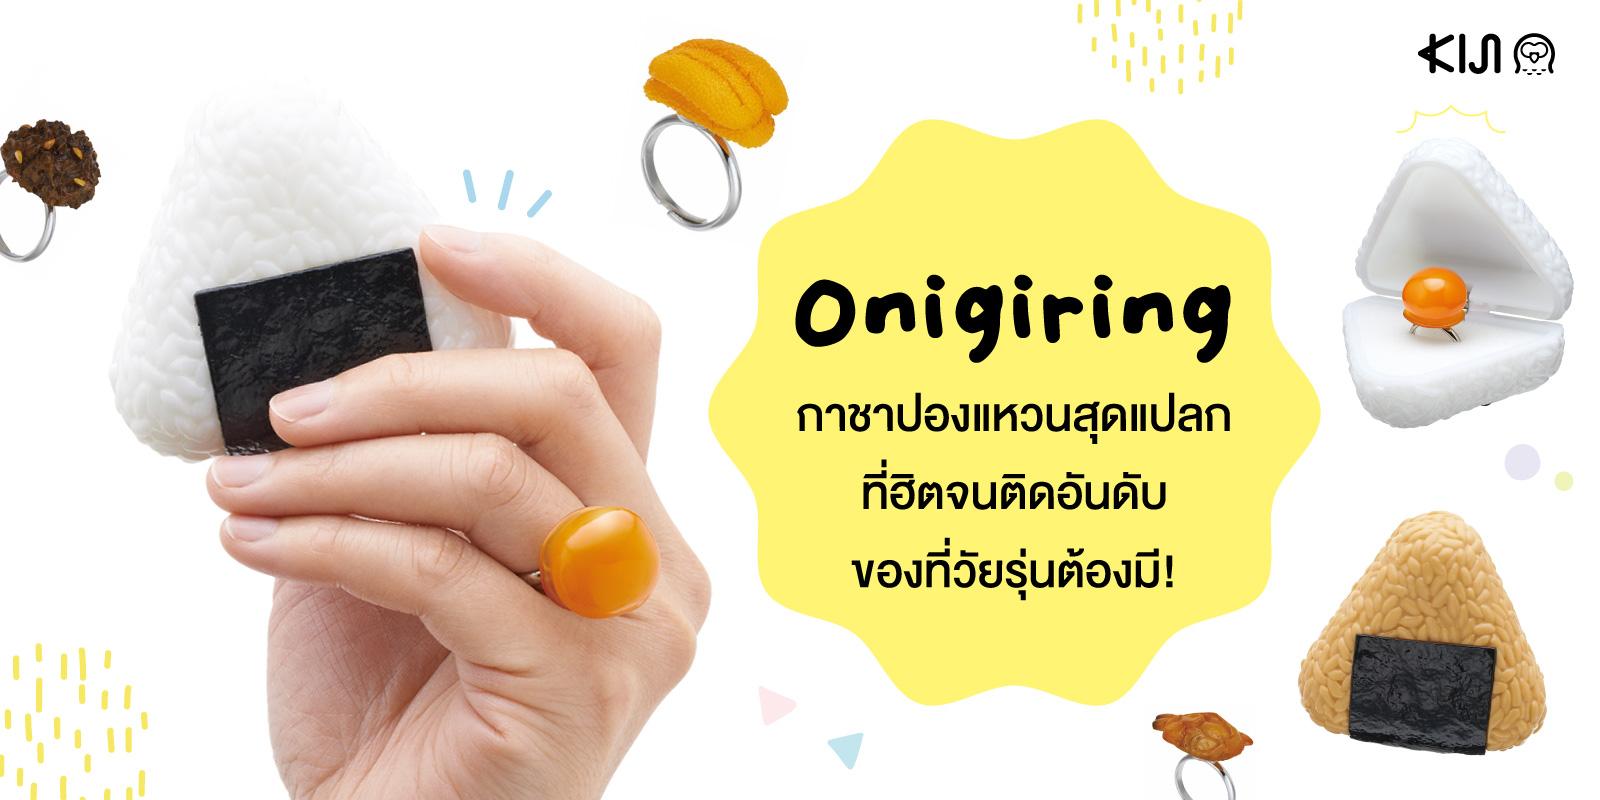 Onigiring กาชาปองแหวนไข่ดองโชยุ อุนิ และหอยอาซาริ